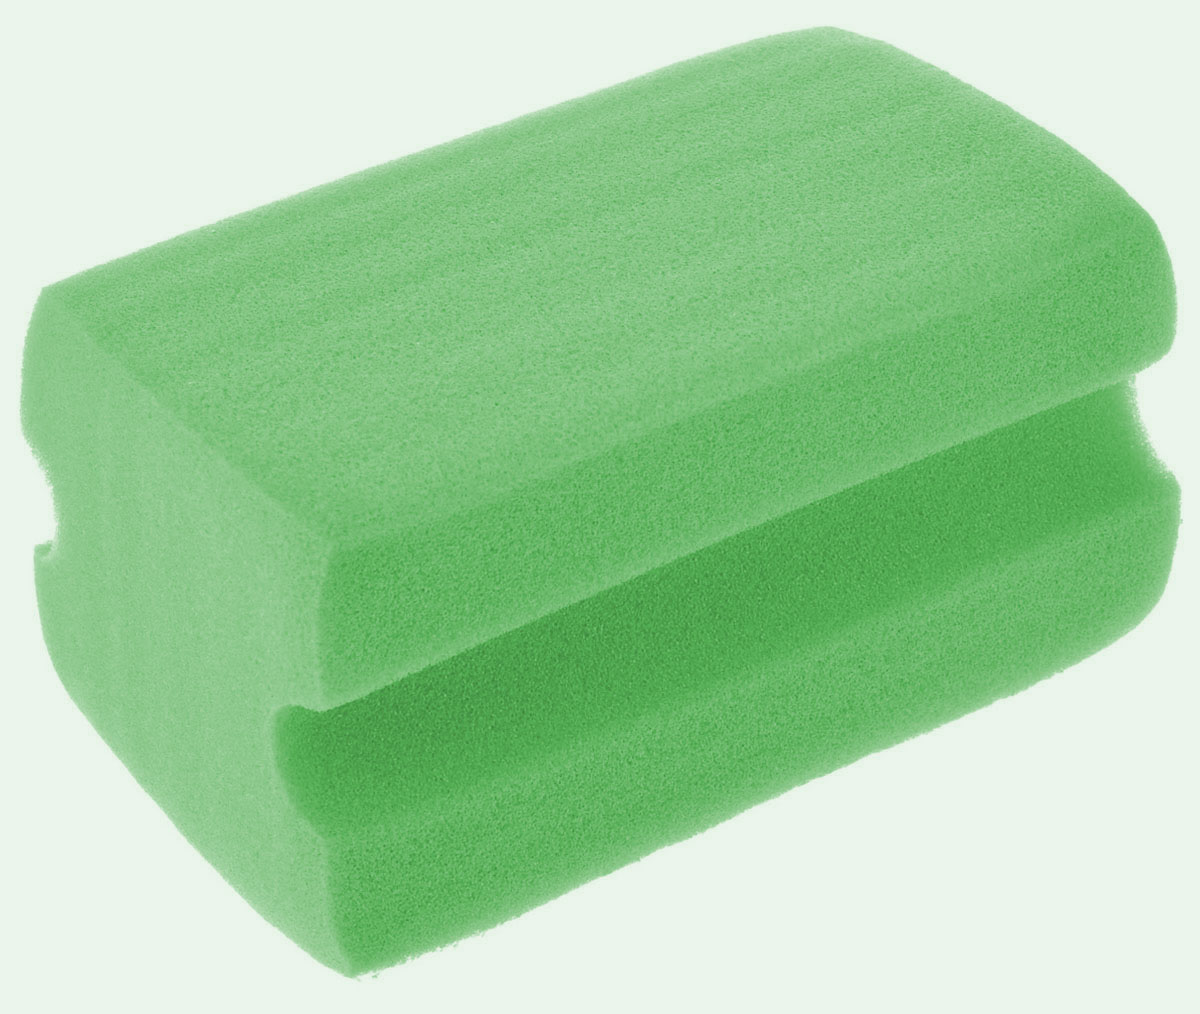 Губка для мытья автомобиля Sapfire Альфа, цвет: зеленый98293777Губка Sapfire Альфа, изготовленная из пенополиуретана, обеспечивает бережный уход за лакокрасочным покрытием автомобиля, обладает высокими абсорбирующими свойствами. При использовании с моющими средствами изделие создает обильную пену. Губка Sapfire Альфа мягкая, способная сохранять свою форму даже после многократного использования.